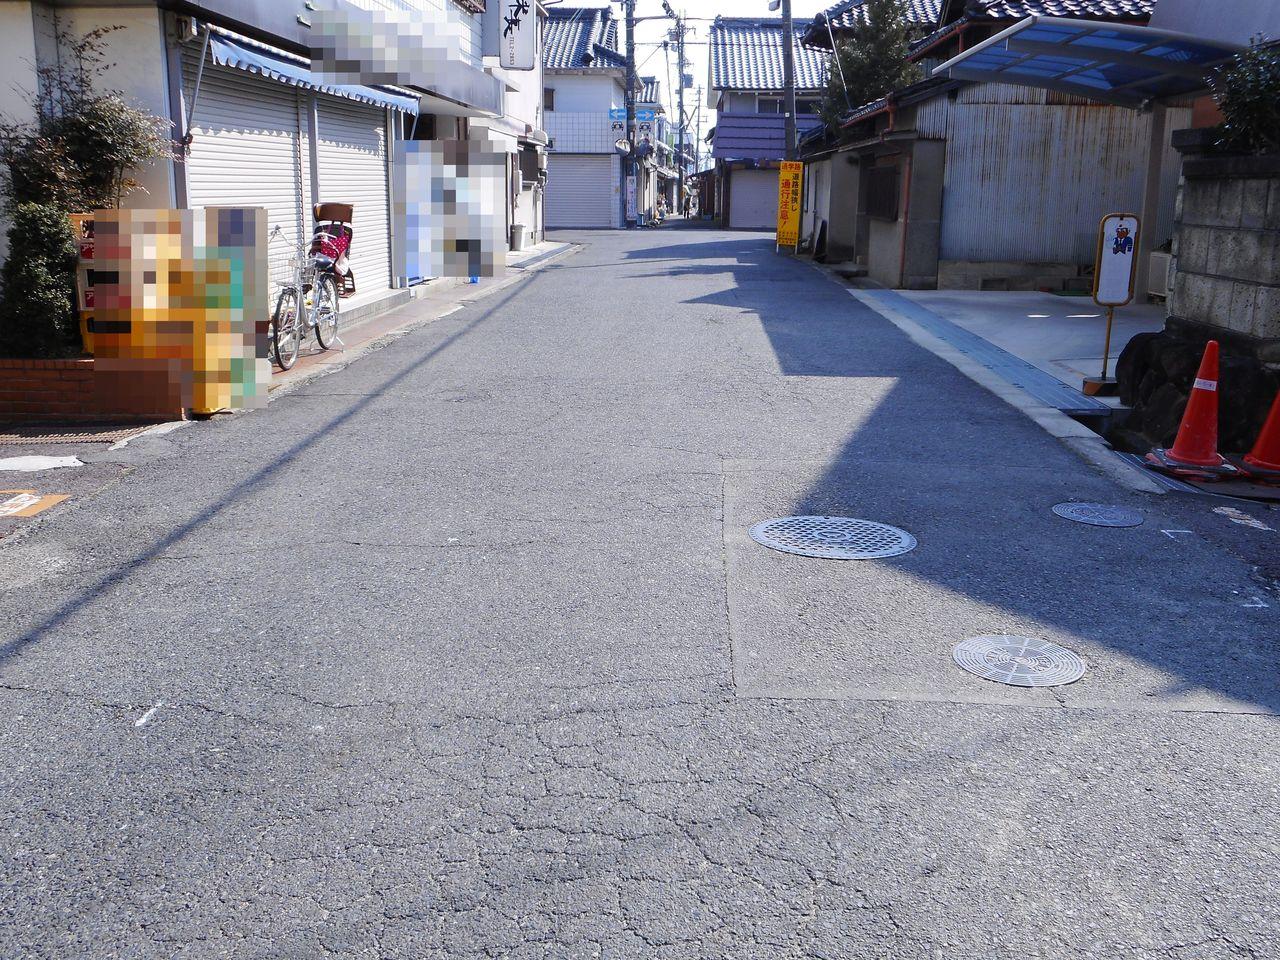 周辺は車通りが少なく静かな環境です。 是非現地をご覧下さい。 (2018年4月上旬撮影)